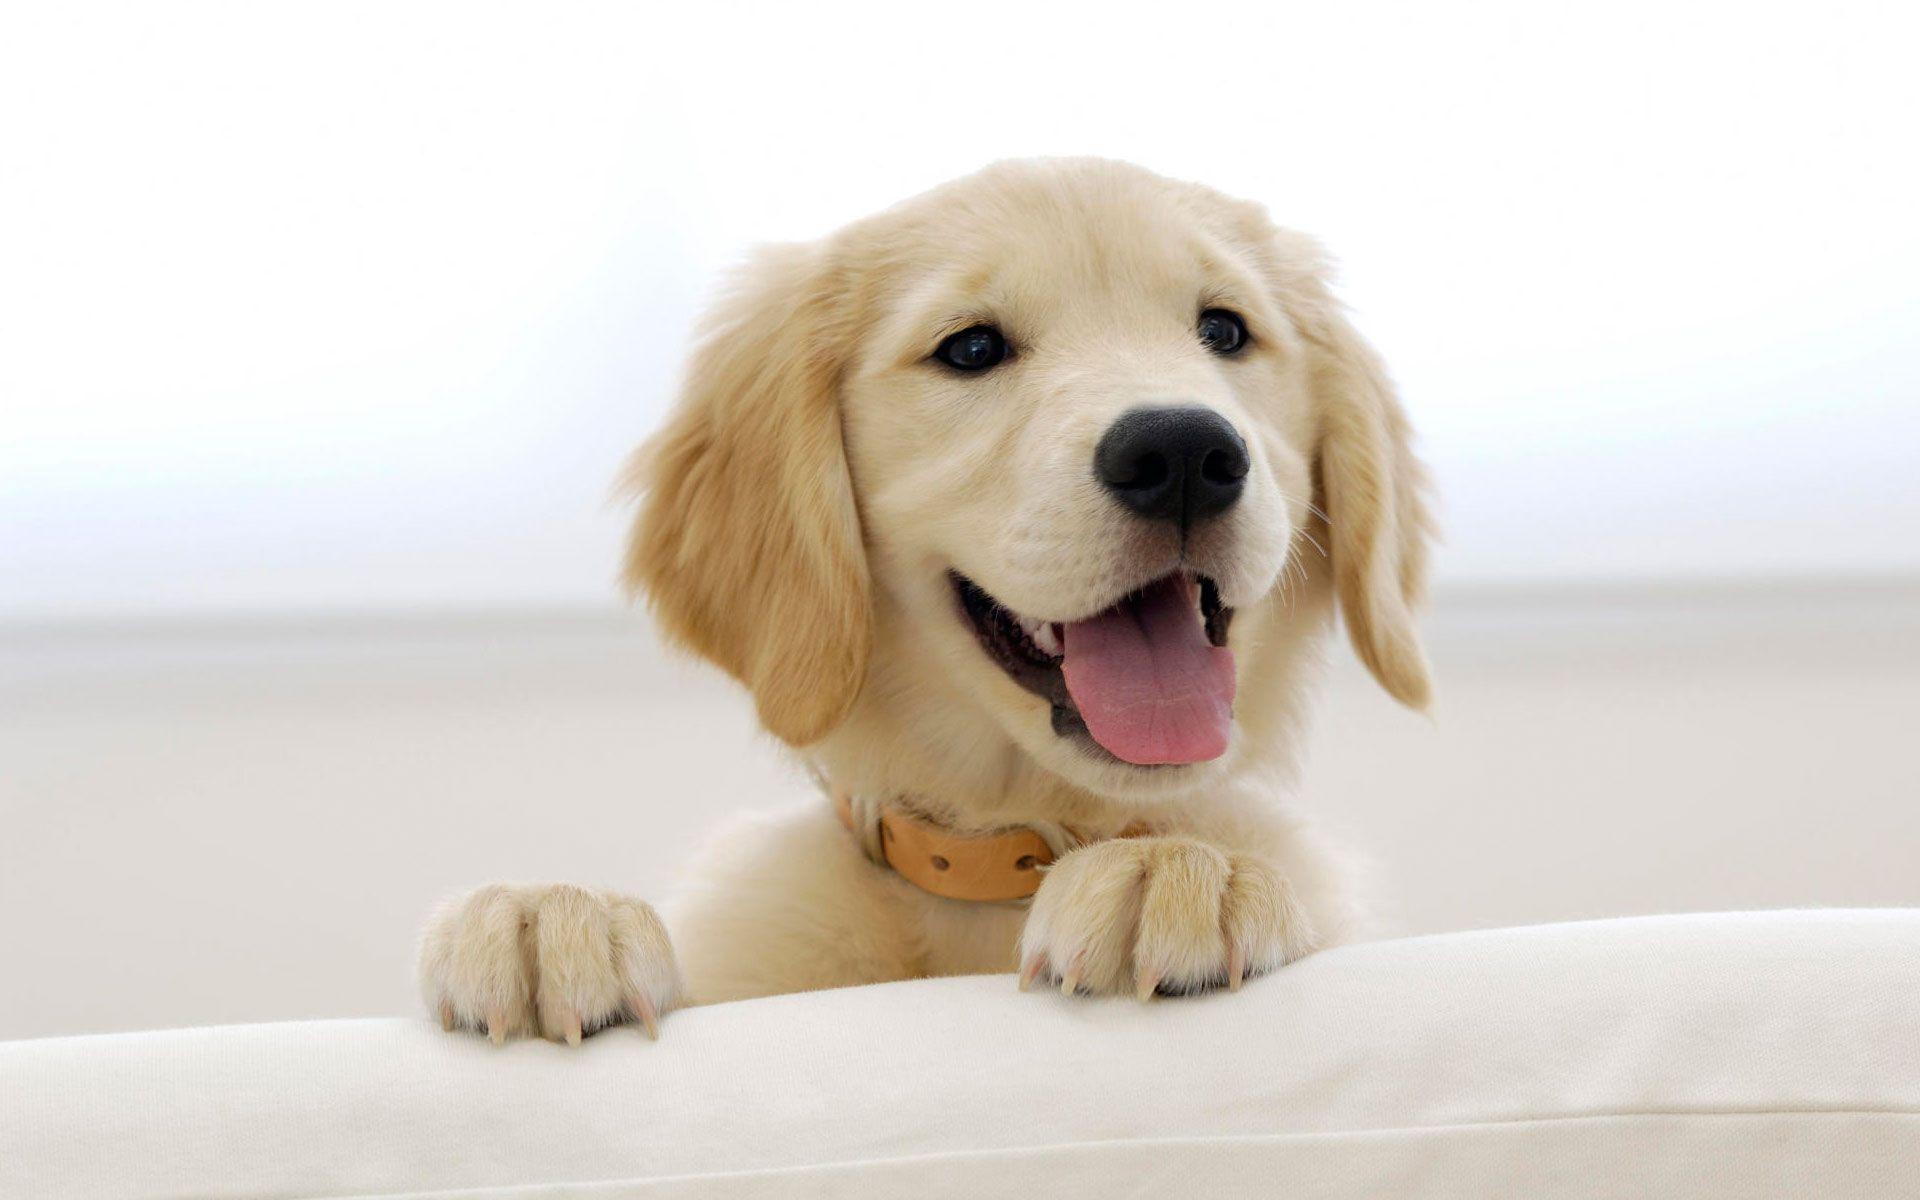 Dog Wallpaper 14250 Hdwpro